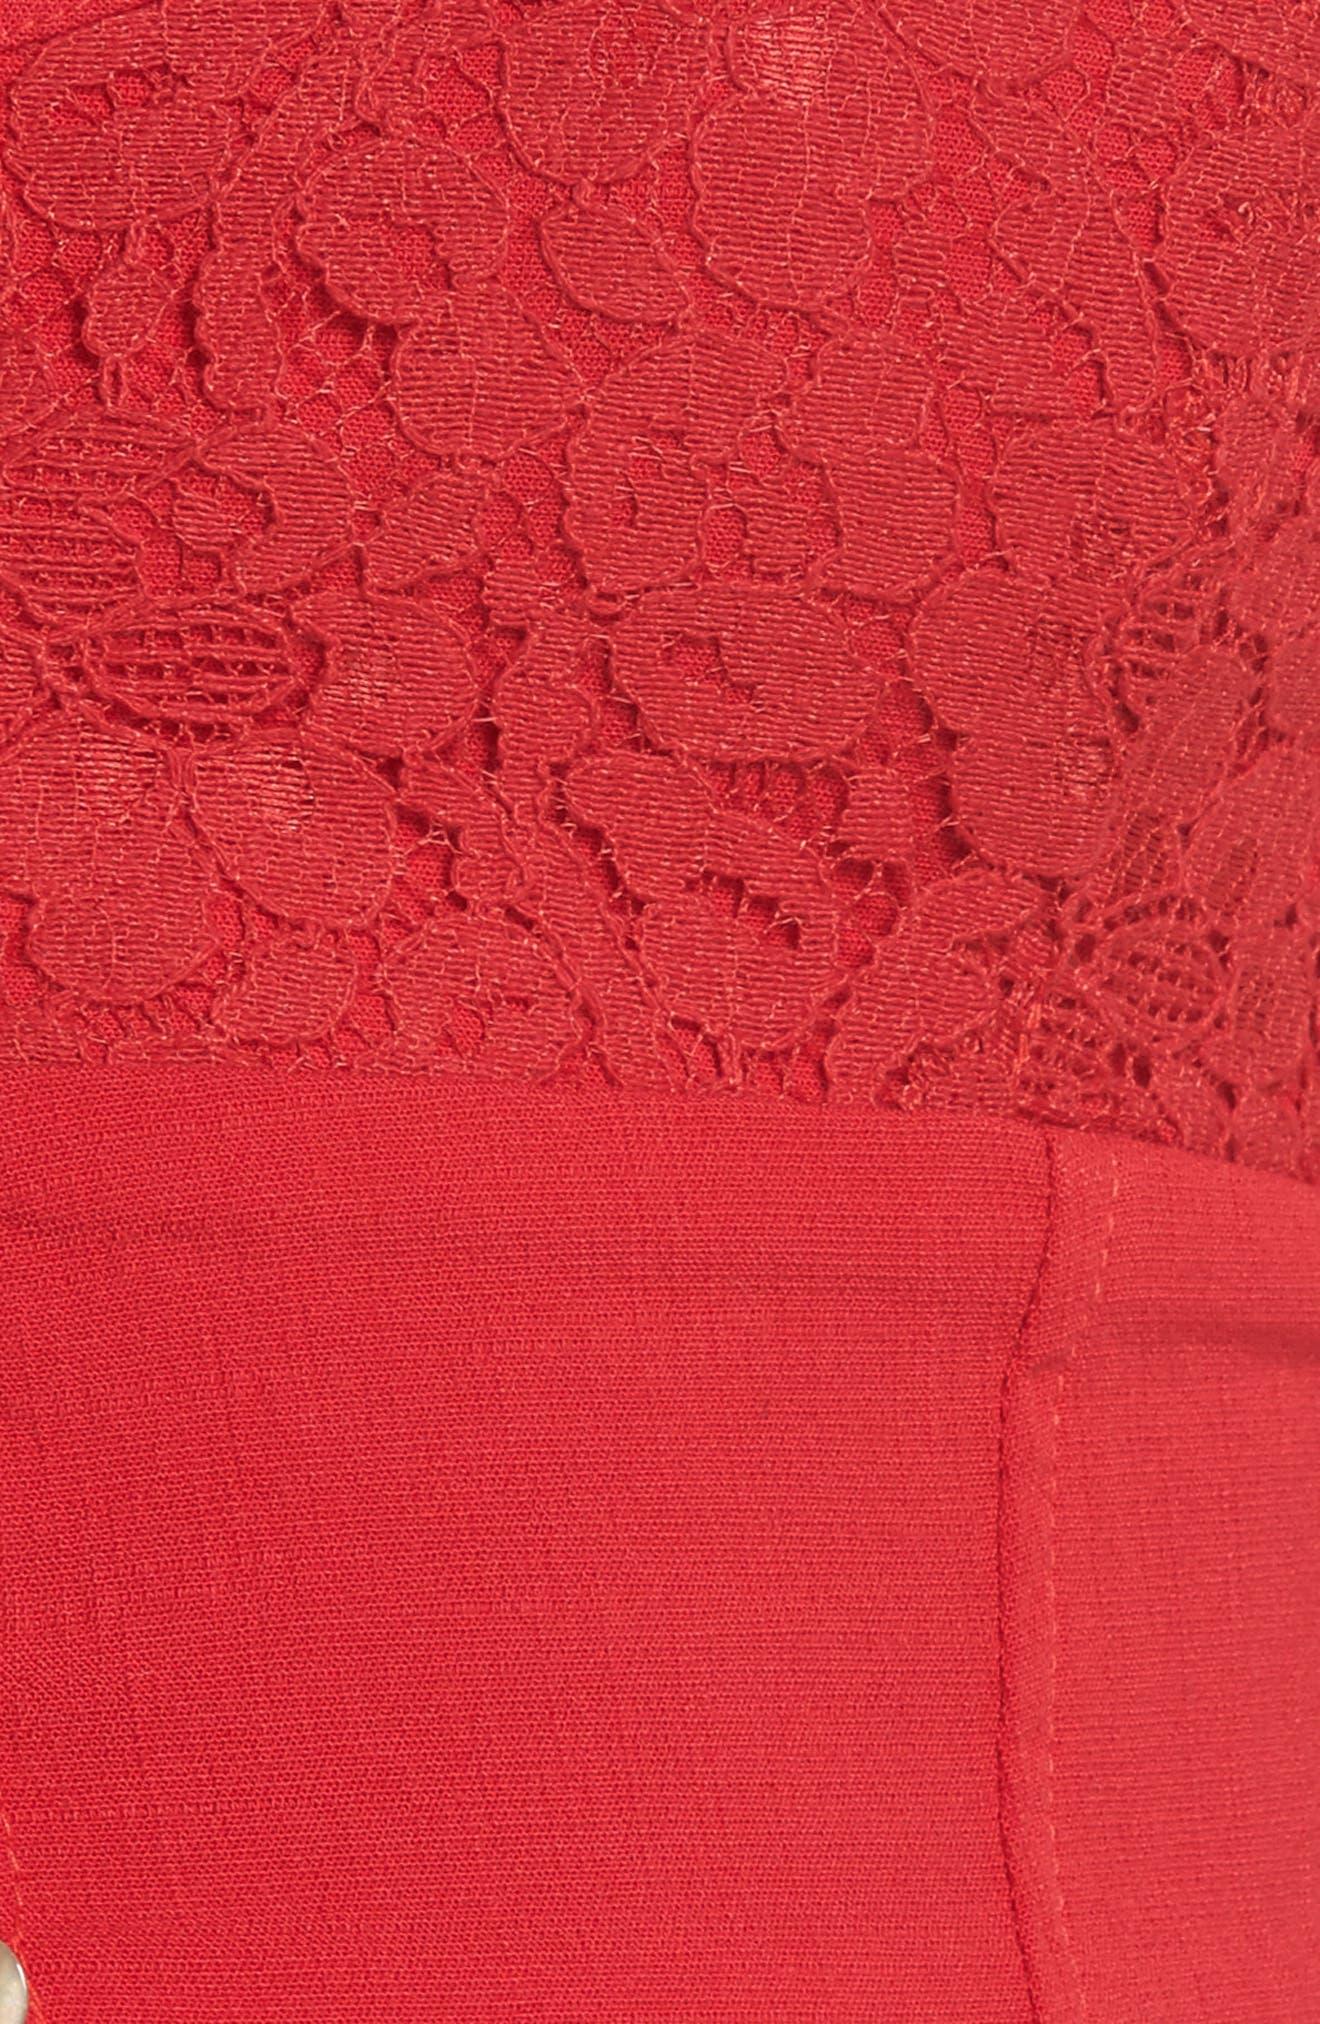 Intimately FP Here I Go Longline Bralette,                             Alternate thumbnail 7, color,                             Red